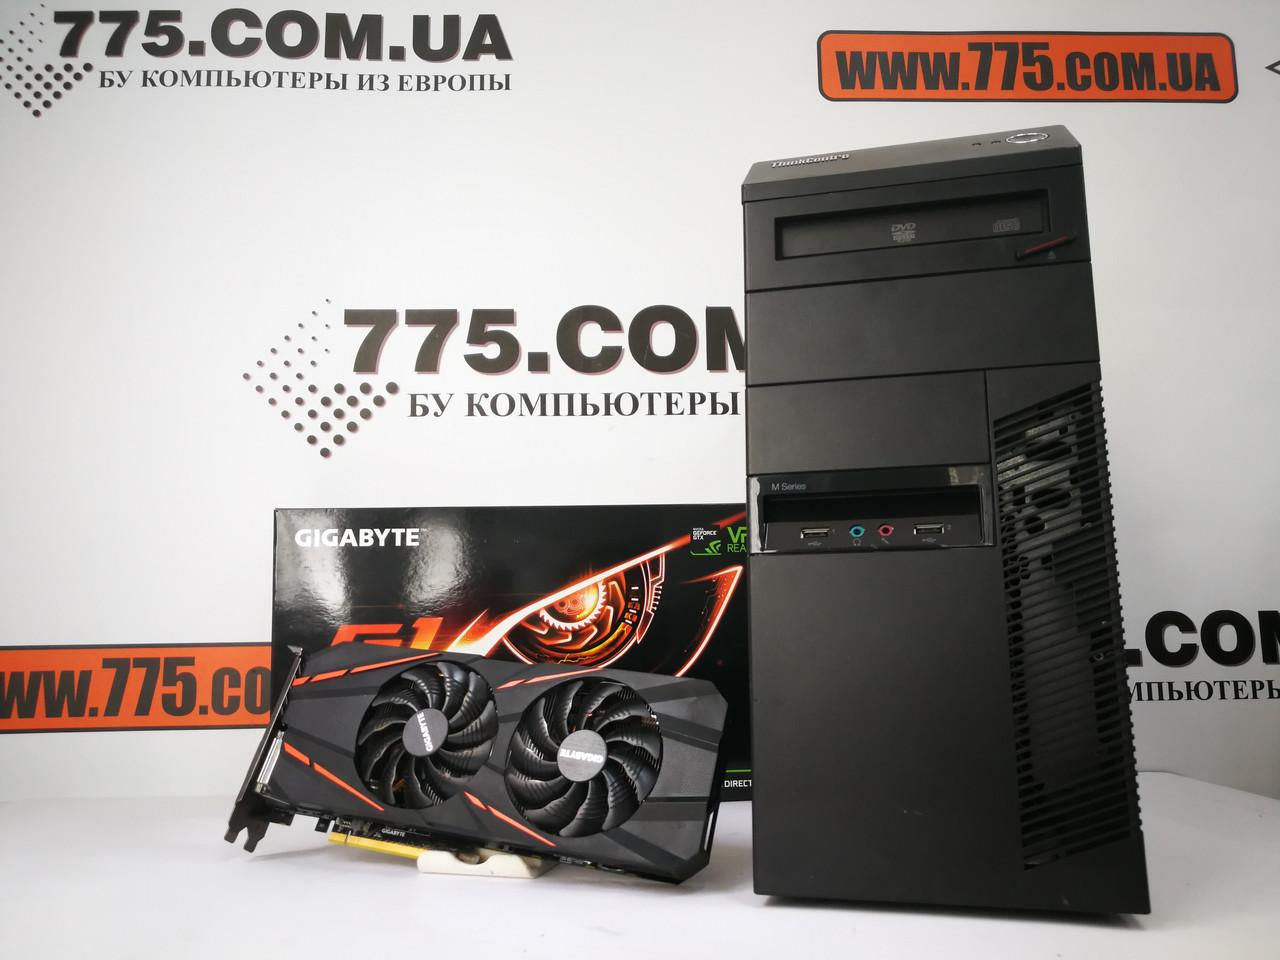 Игровой компьютер, Intel Core i7-3770 3.9GHz, RAM 8ГБ, SSD 120ГБ, HDD 500GB, GTX 1060 3GB, гарантия!